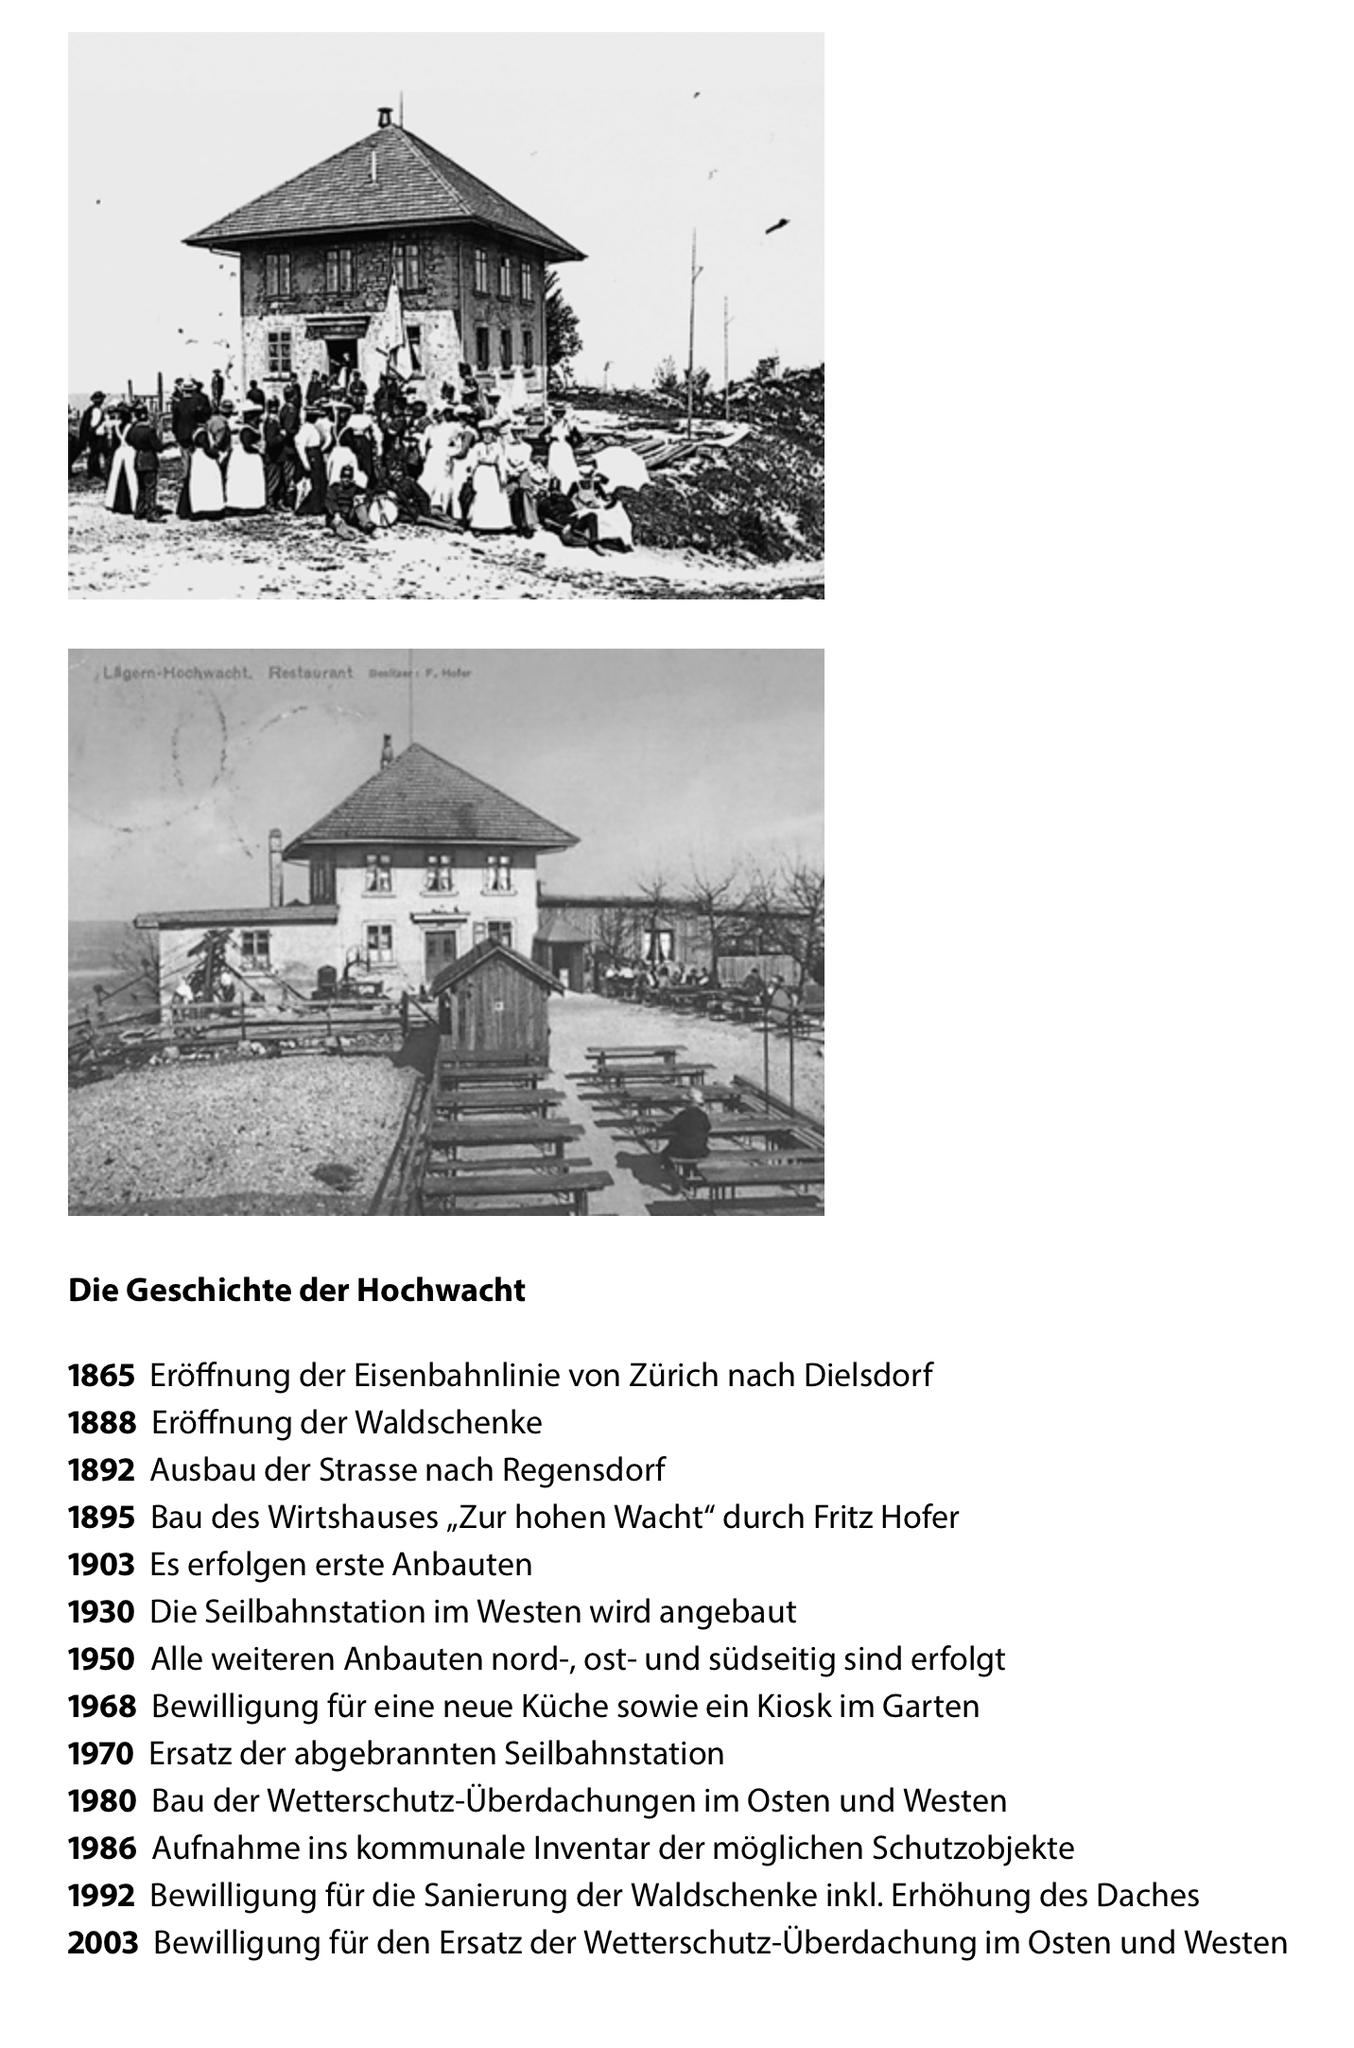 Geschichte des Restaurants Hochwacht::www.laegern-hochwacht.ch